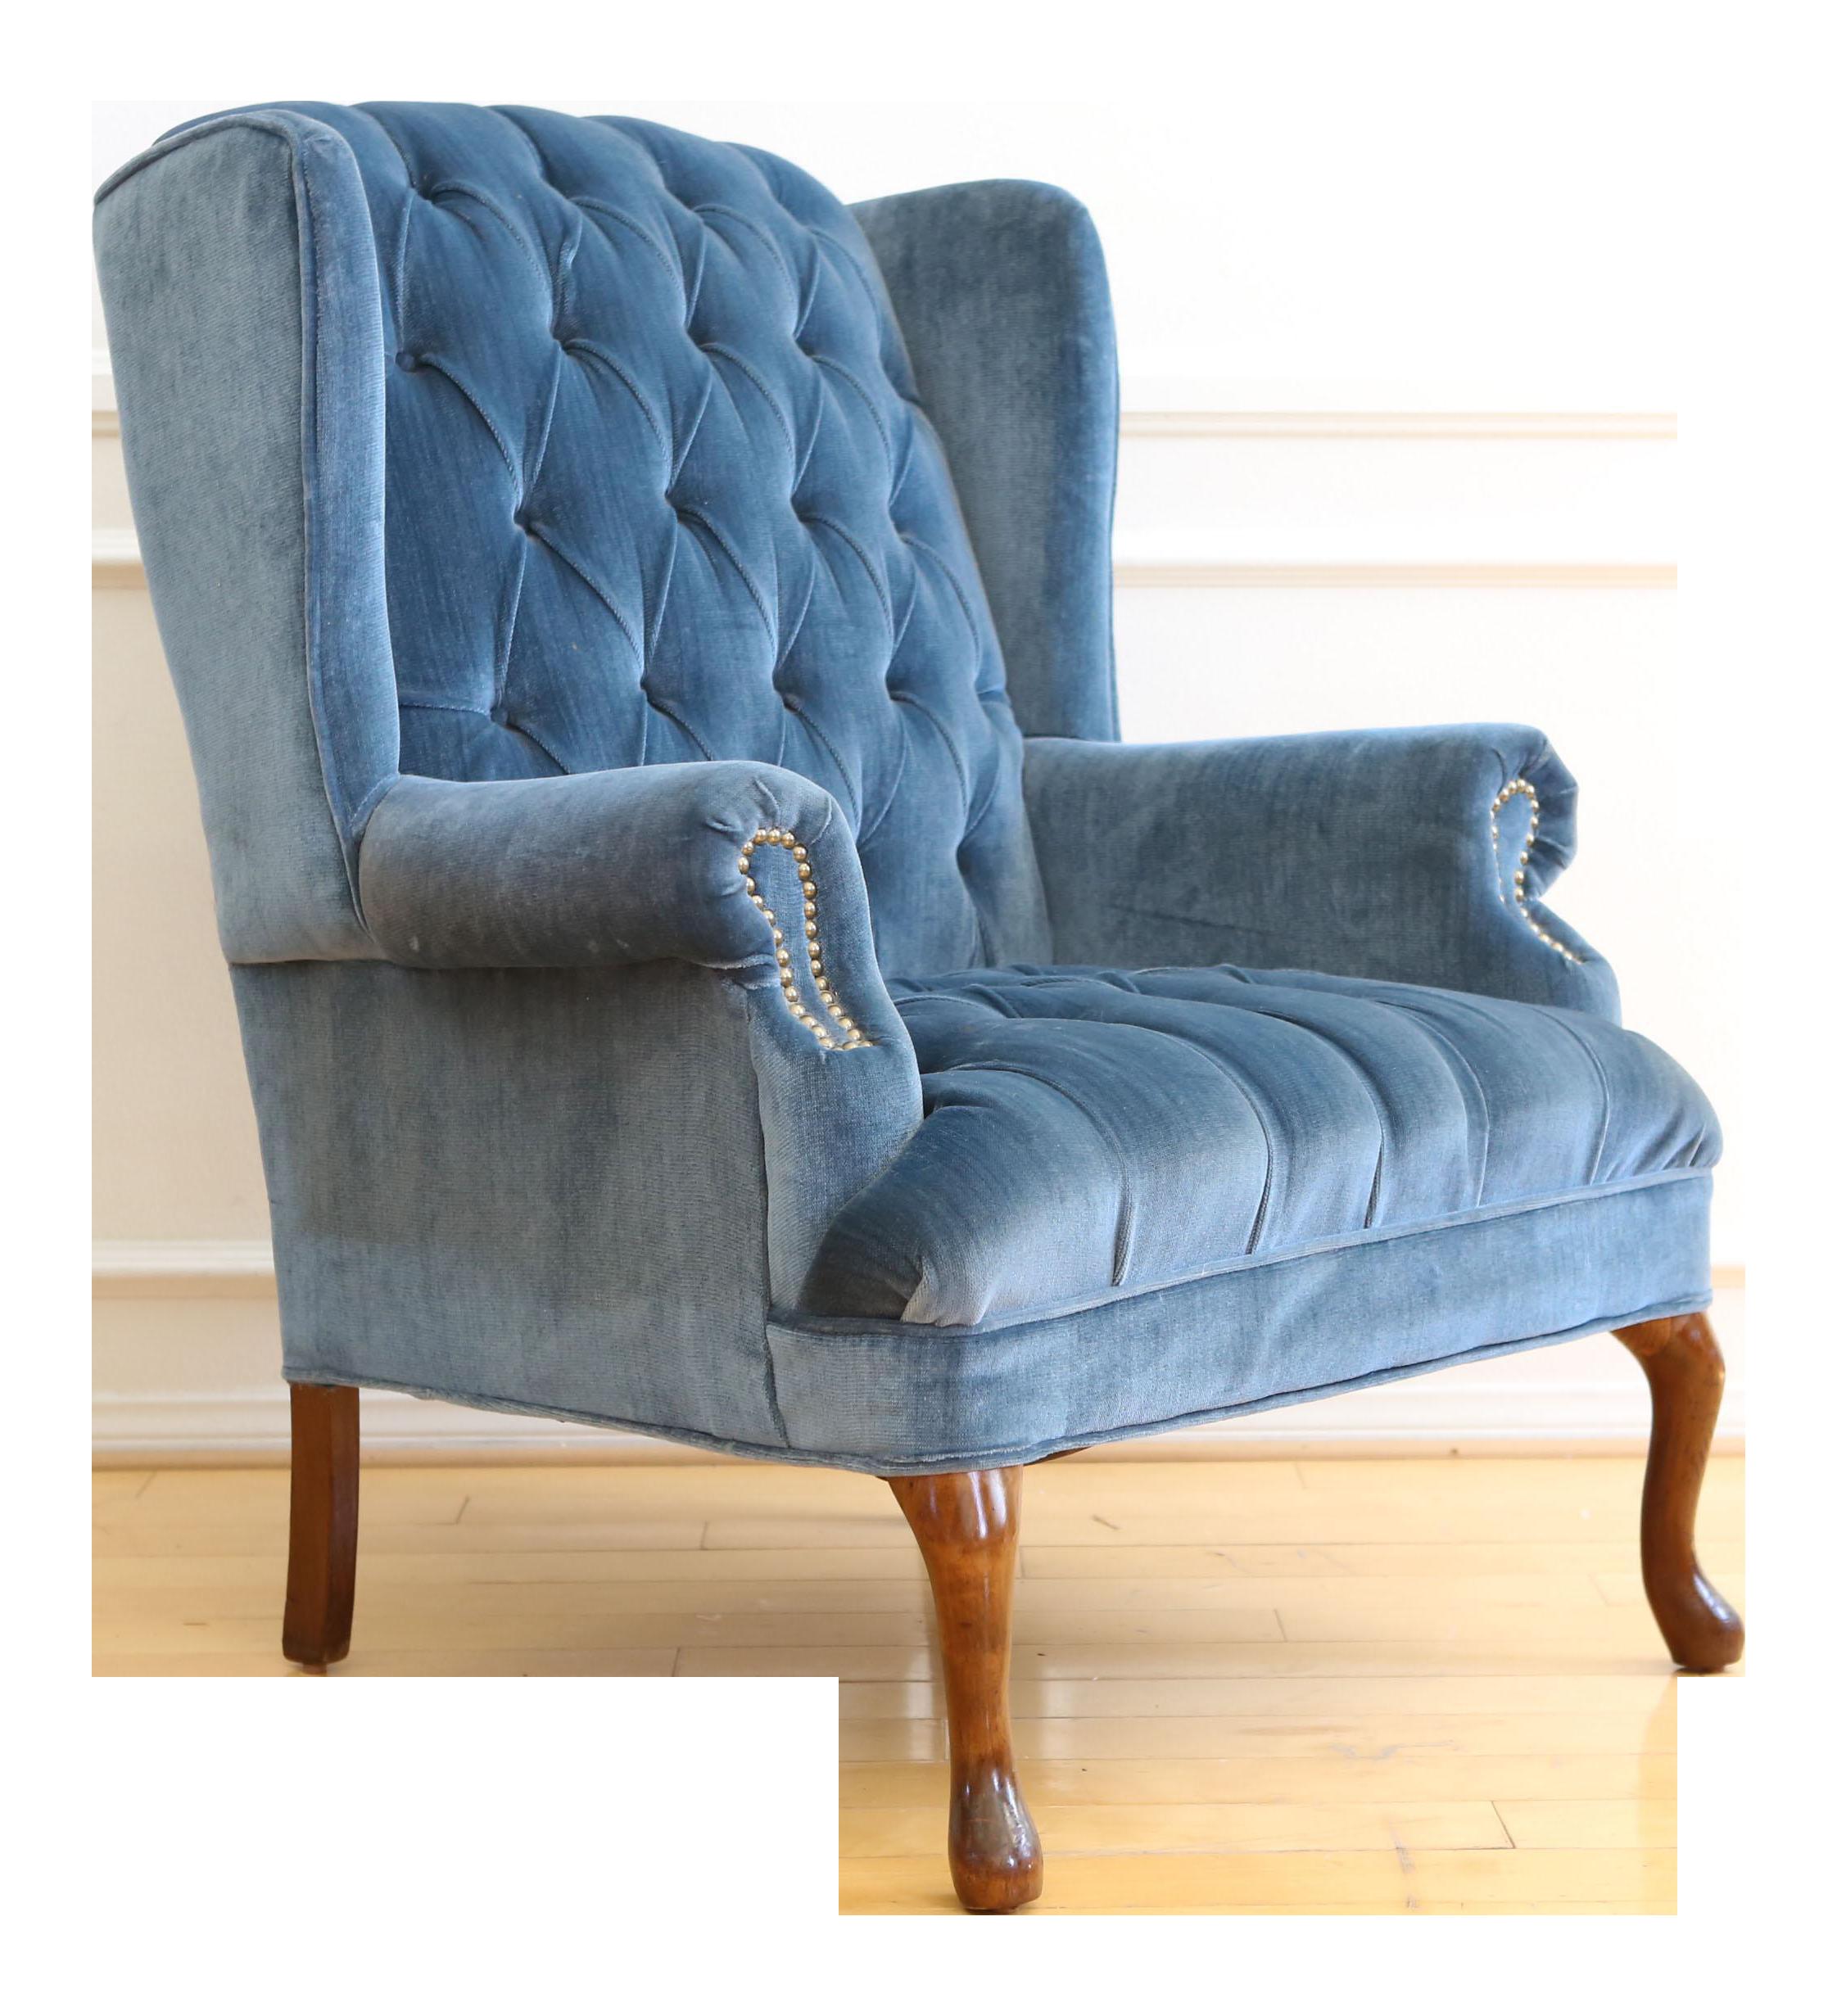 Vintage Blue Navy Tufted Velvet Wingback Chair